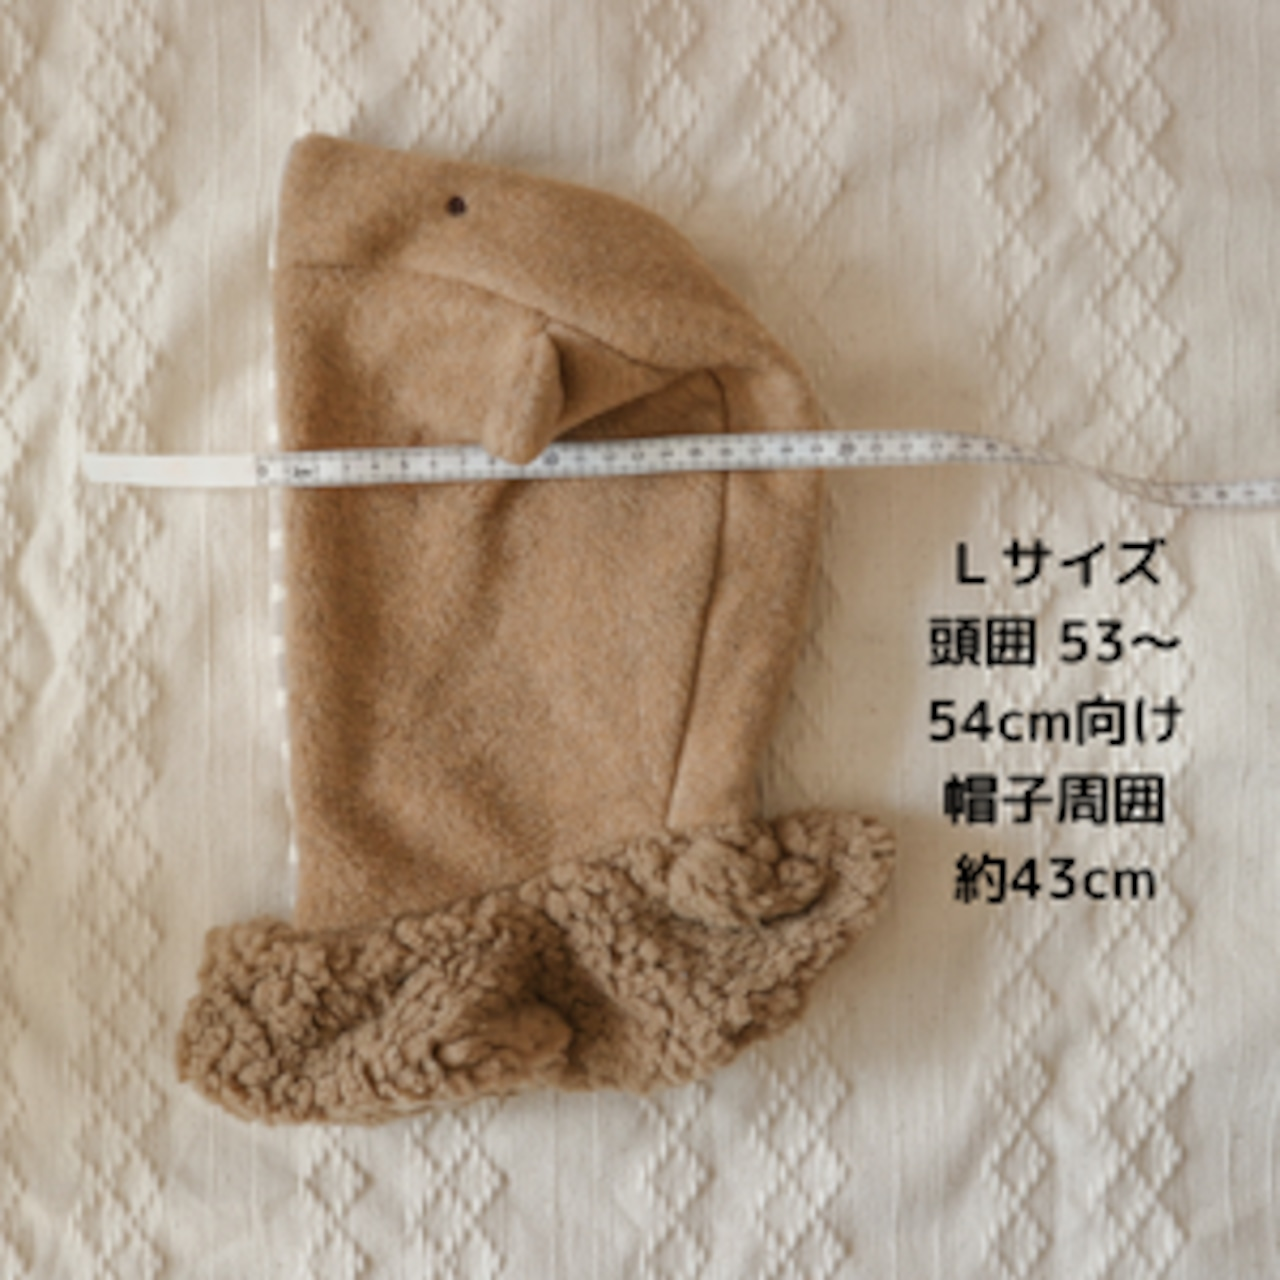 つみきの襟付き帽子(黒胡麻)3サイズ展開